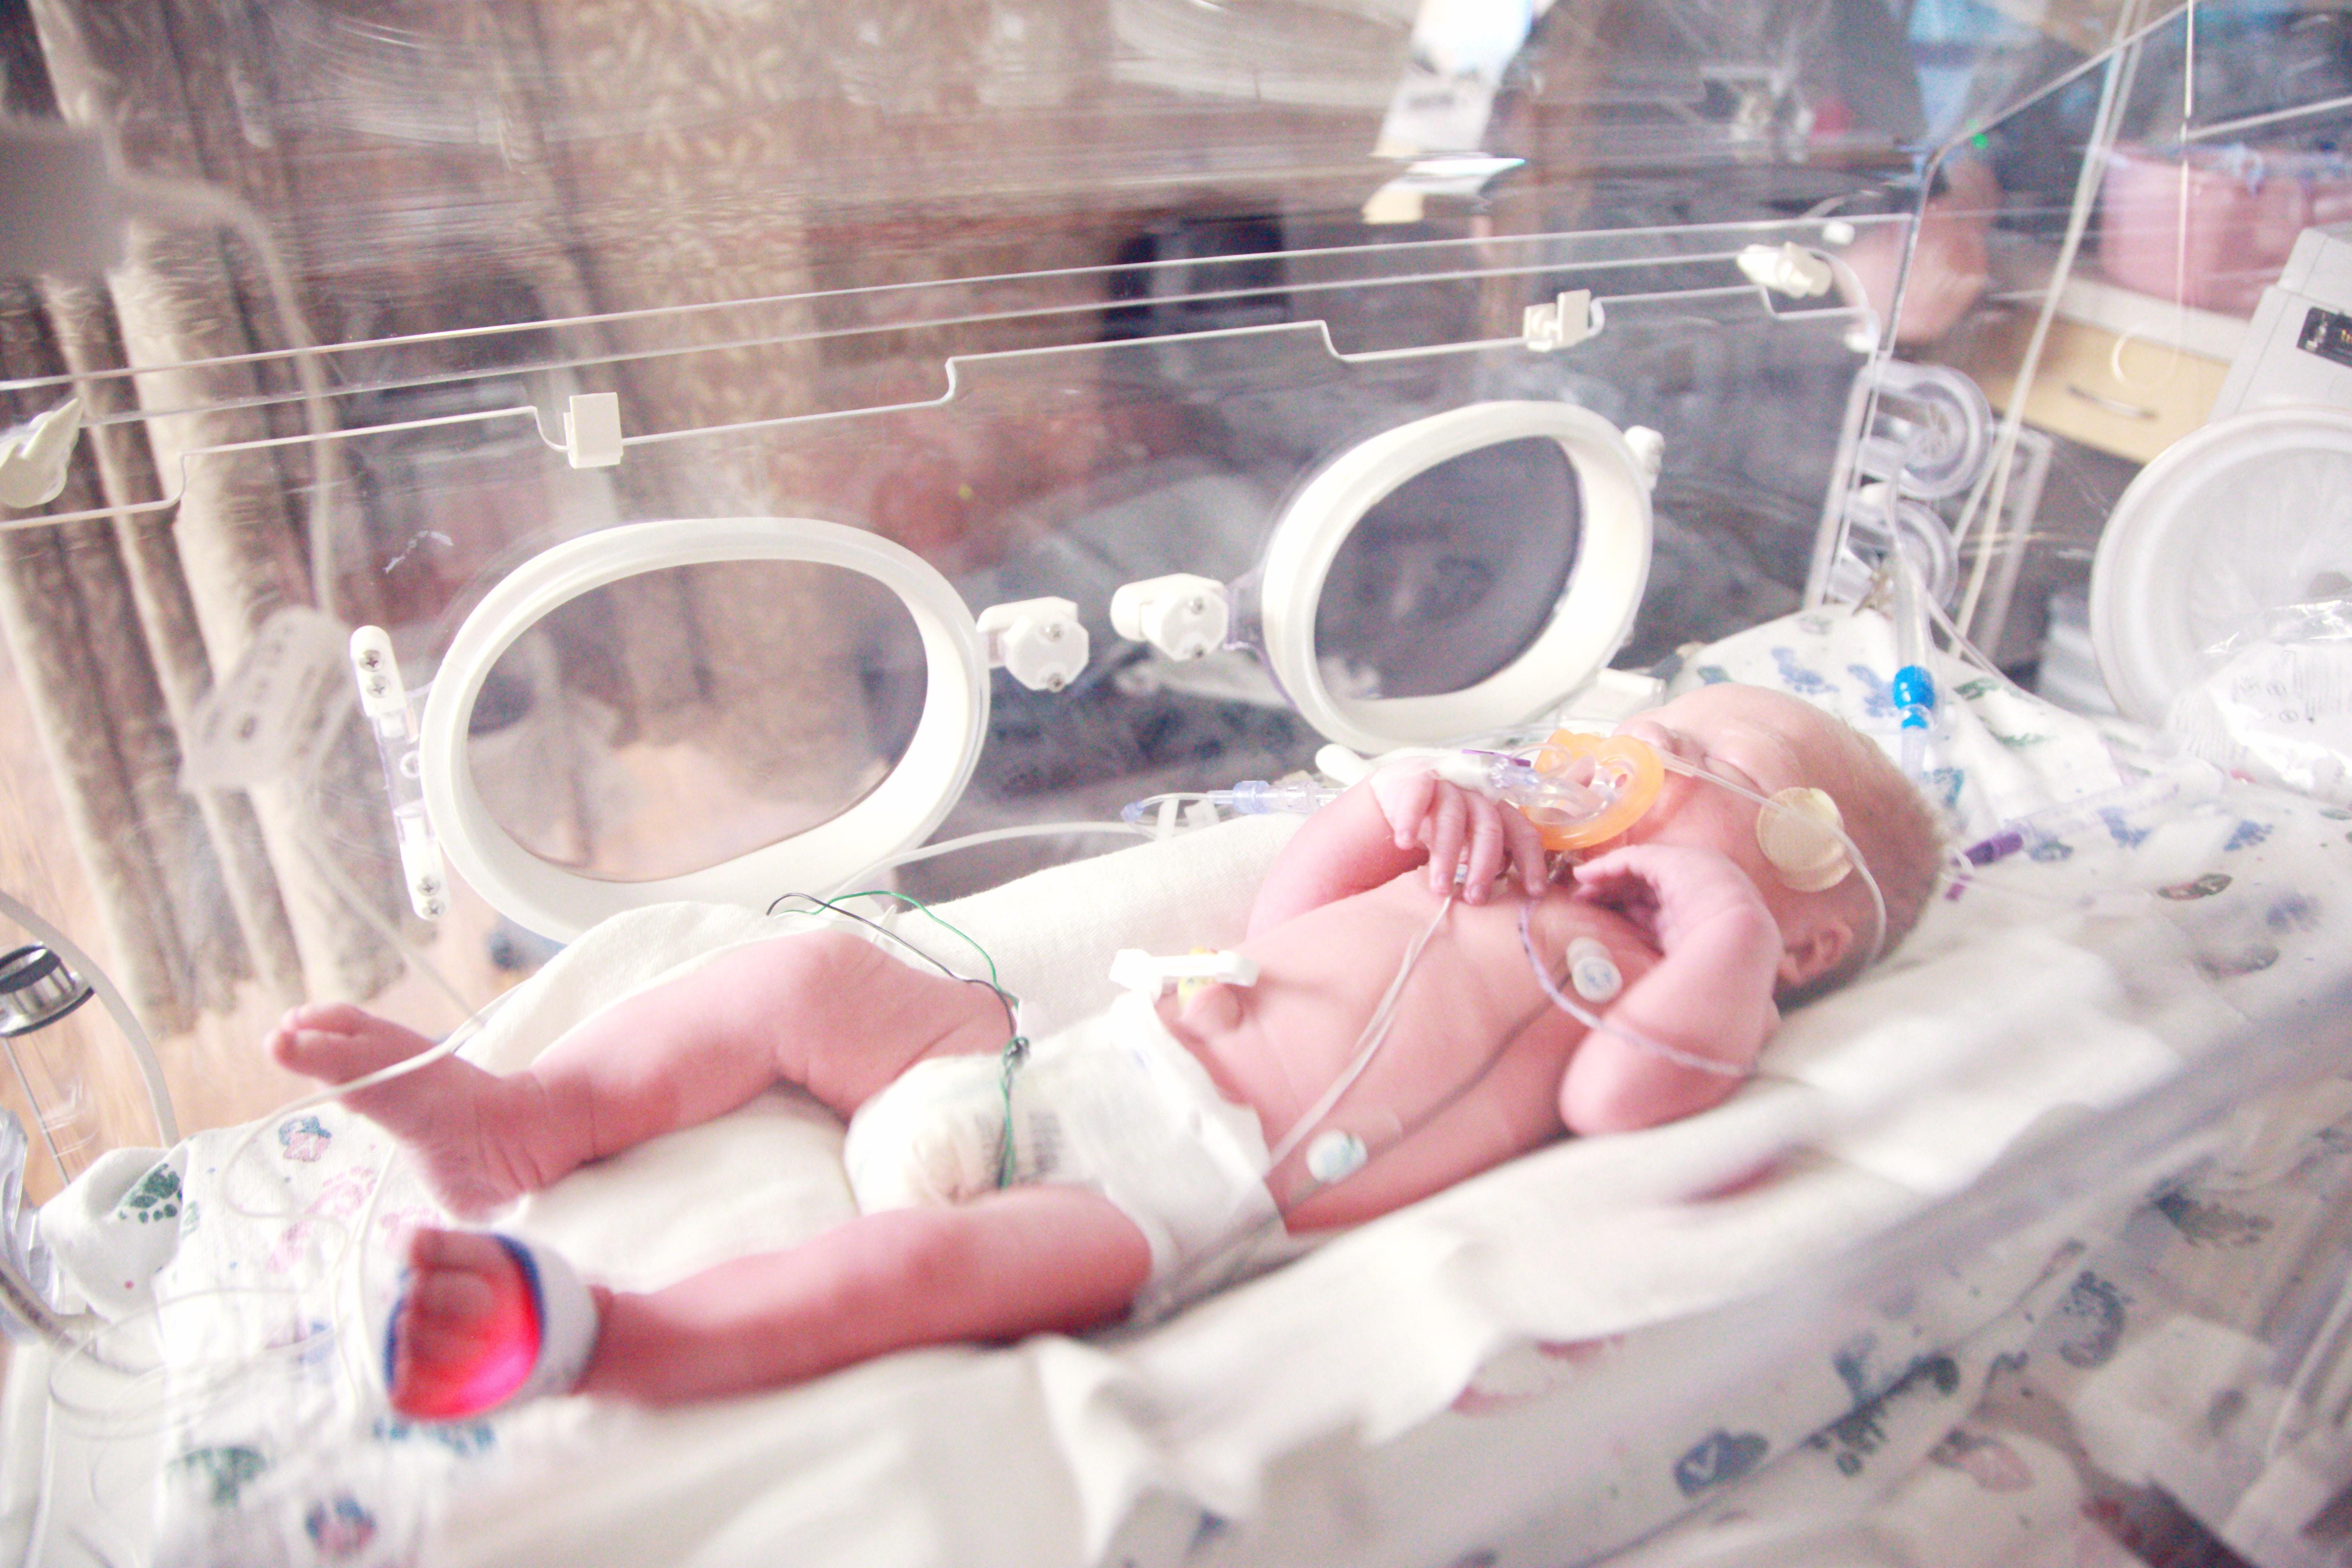 sharon mccutcheon 74 7j5t4sG0 unsplash - Birth Injuries: We Must Do Better